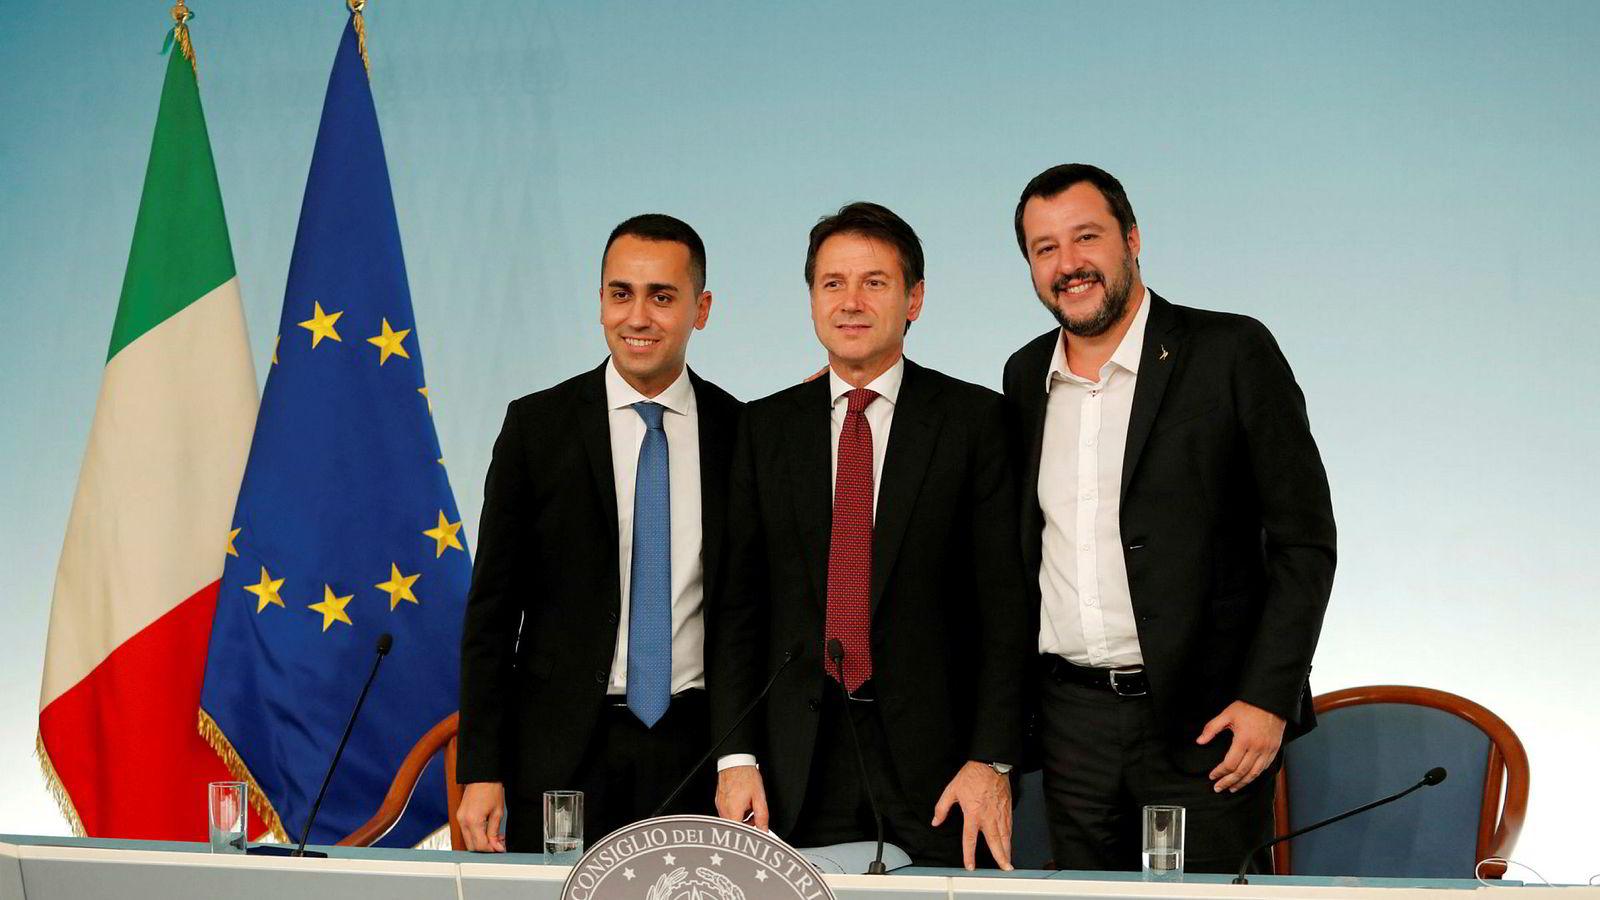 Femstjernersbevegelsens Liuigi Di Maio, statsminister Giuseppe Conte og innenriksminister og Ligaens leder Matteo Salvini skal være enige om nytt budsjett.